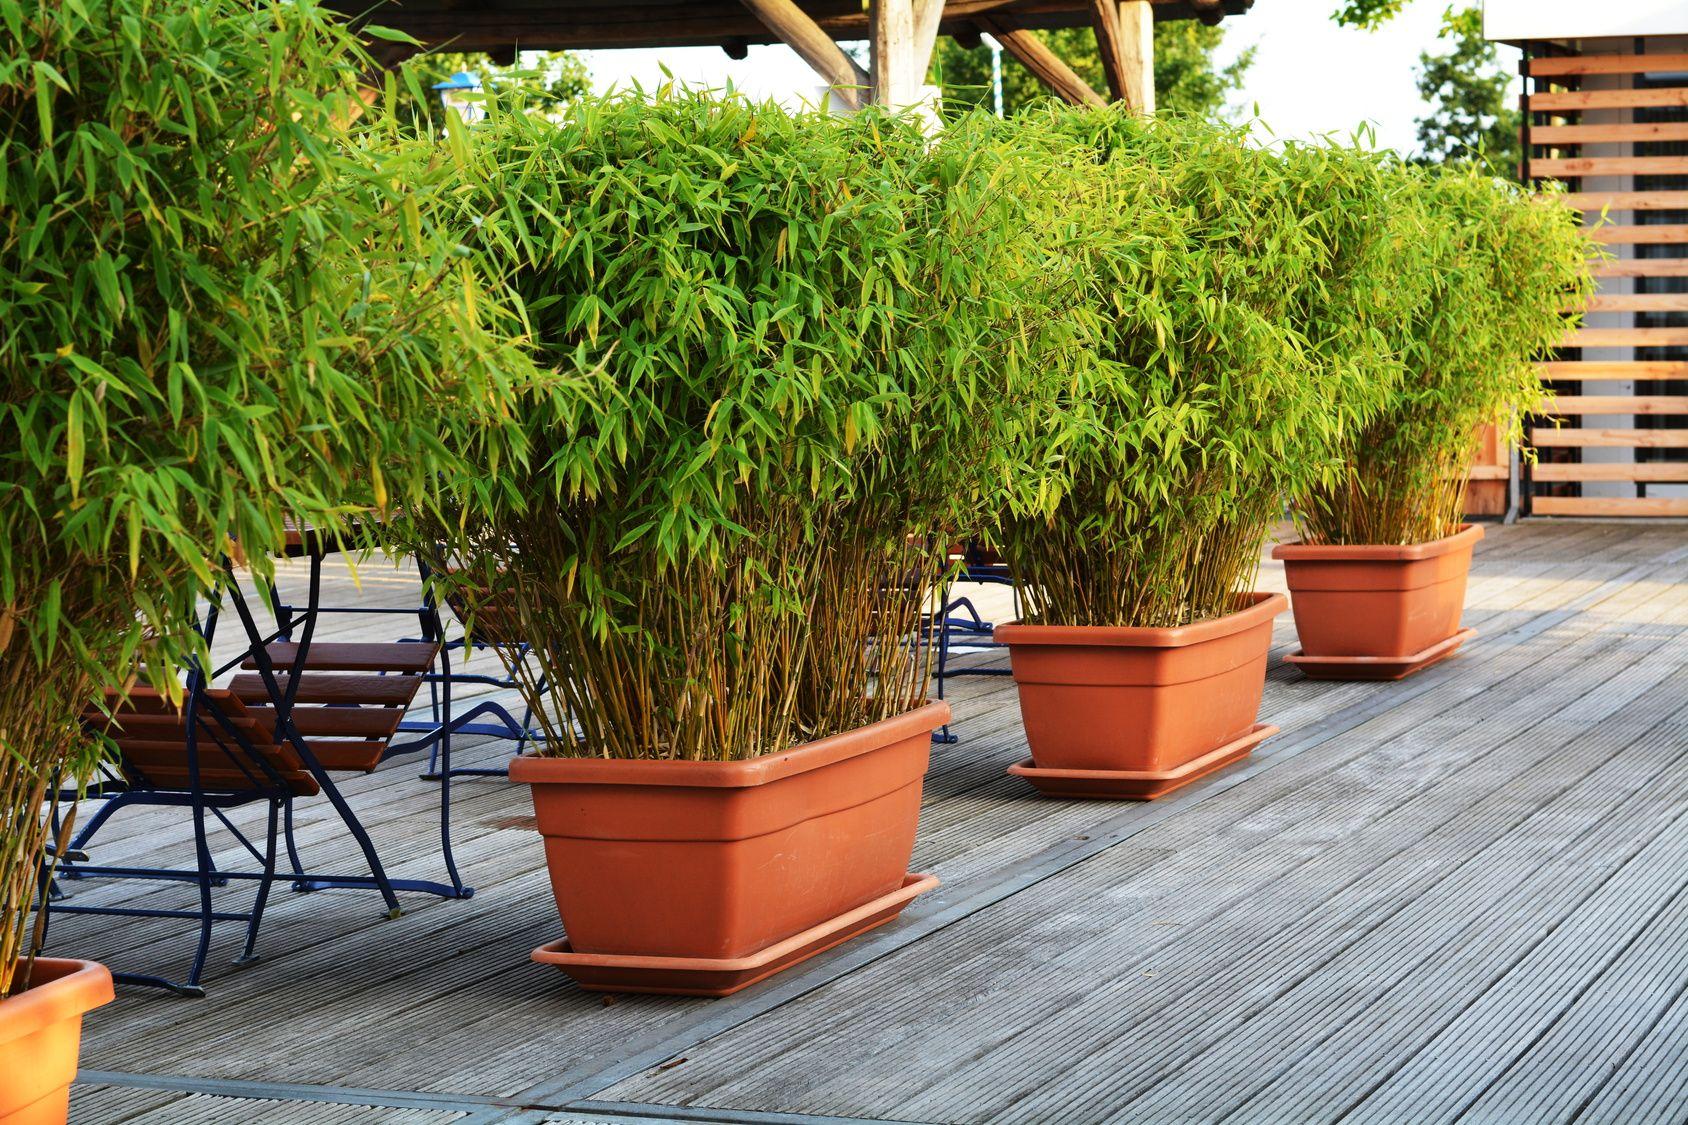 Pflanzen Balkon Sichtschutz With Images Bamboo Planter